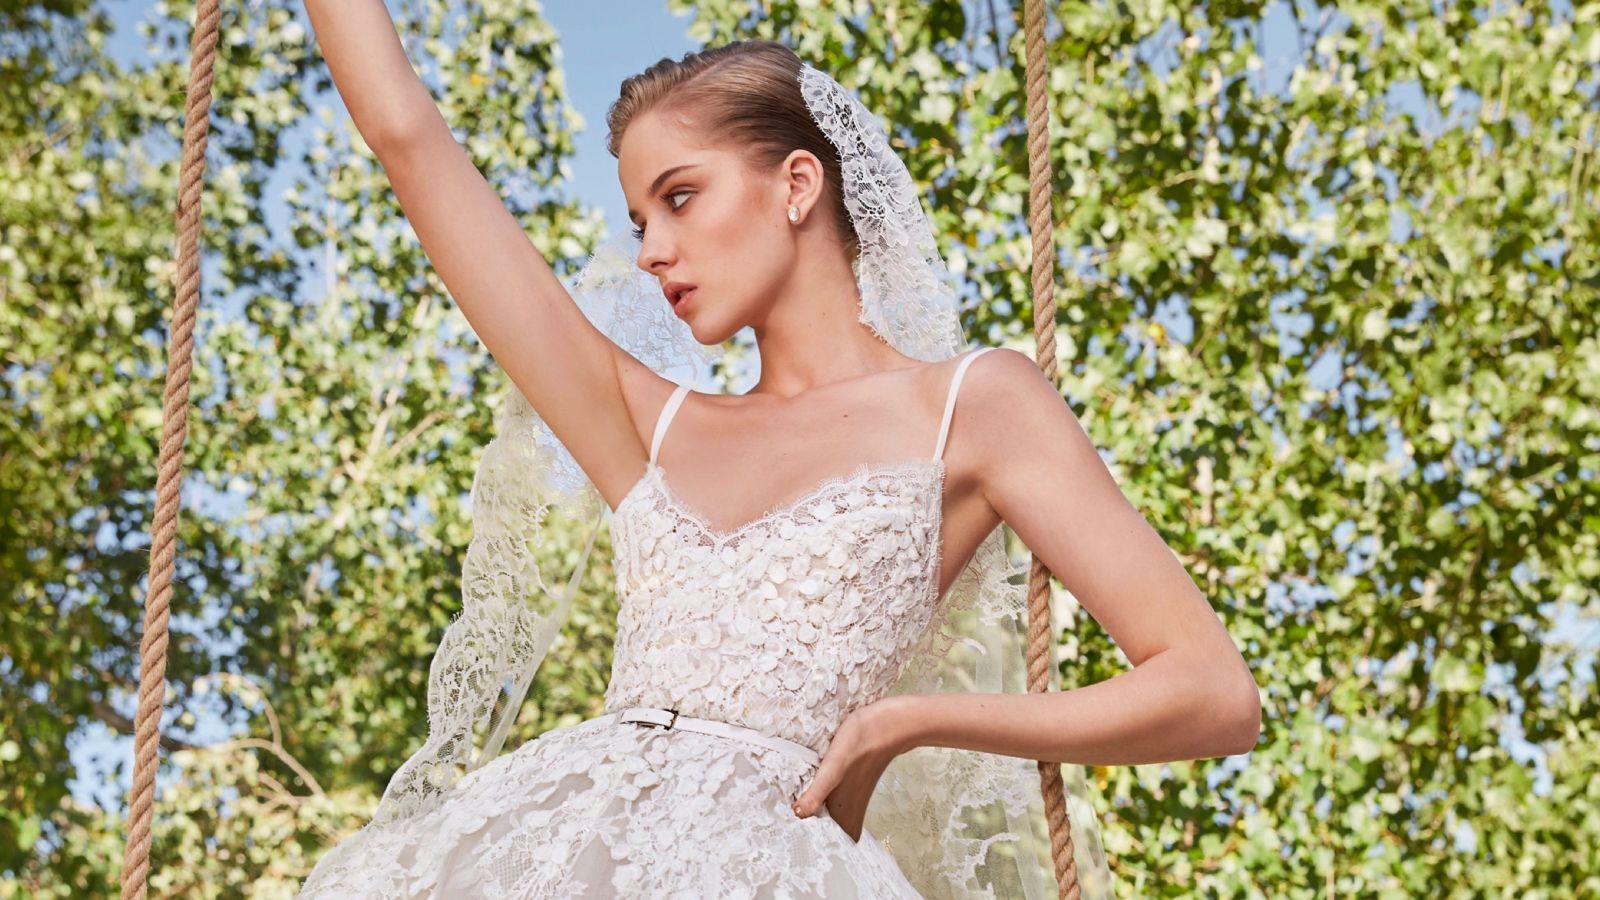 Brautkleider-Trend 2021: Die 16 schönsten Hochzeitskleider aus Spitze